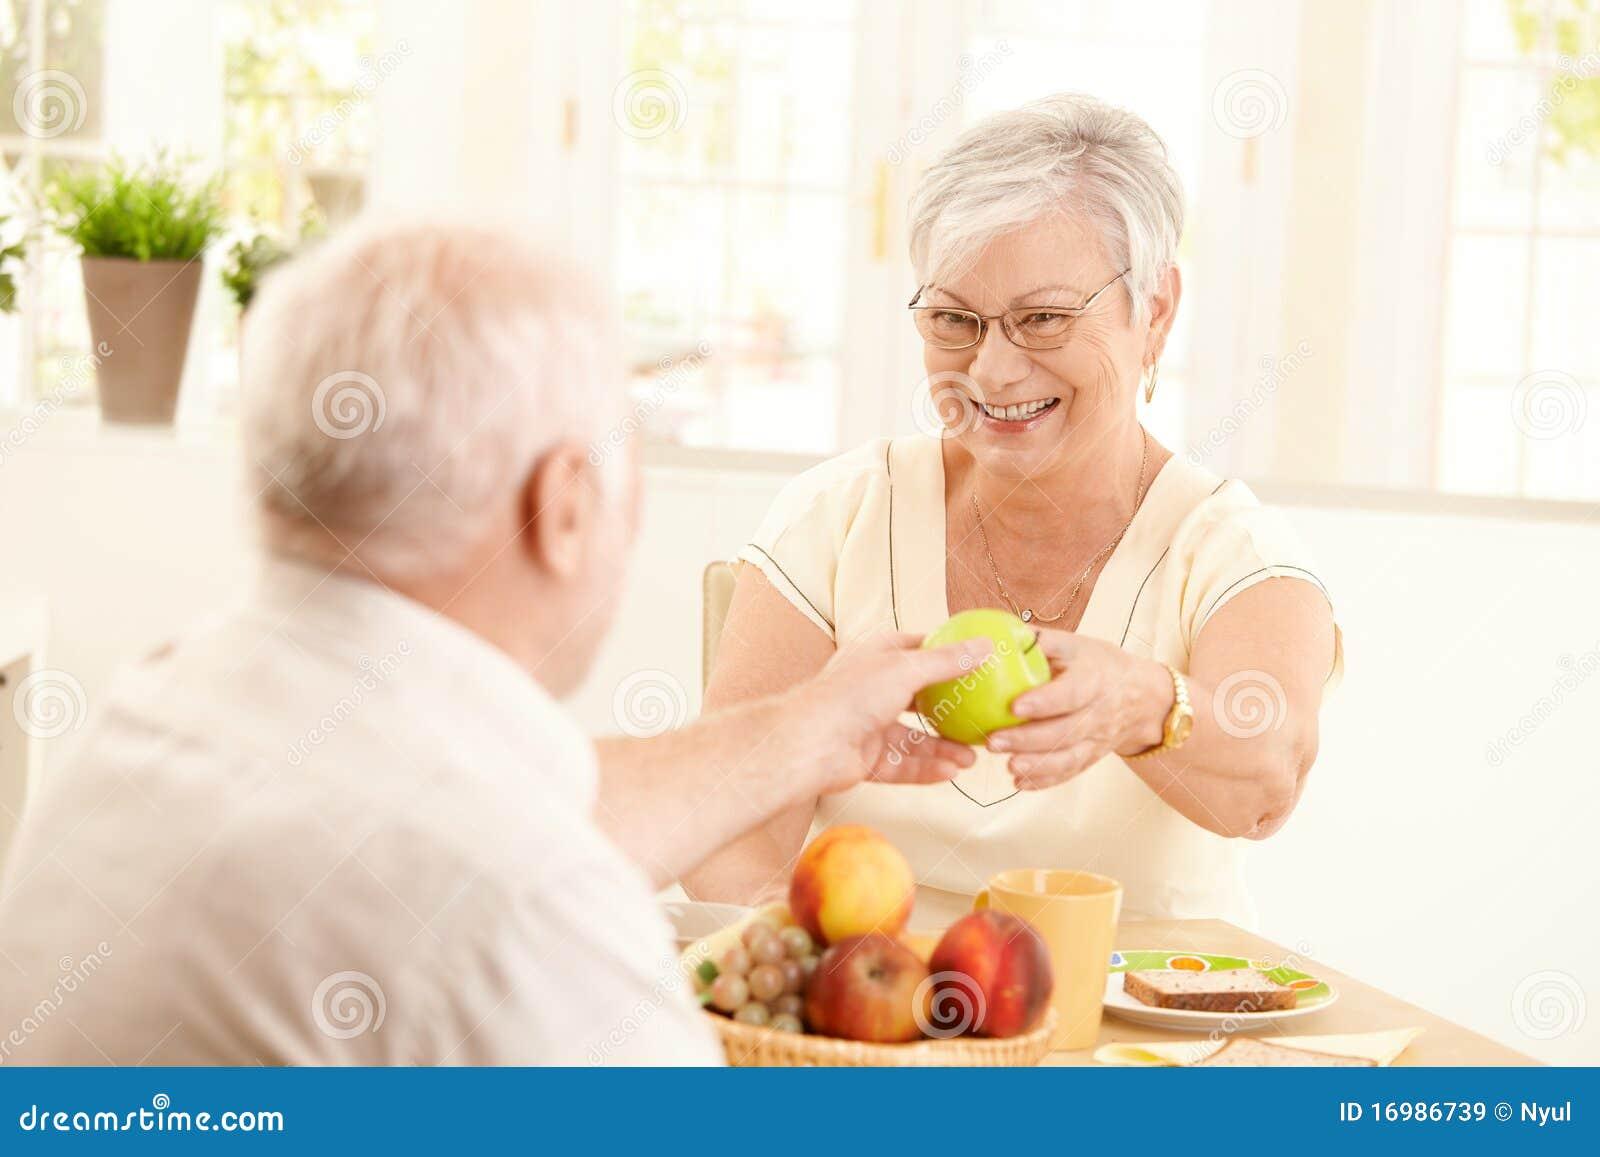 äpple som får makan som skrattar den höga frun